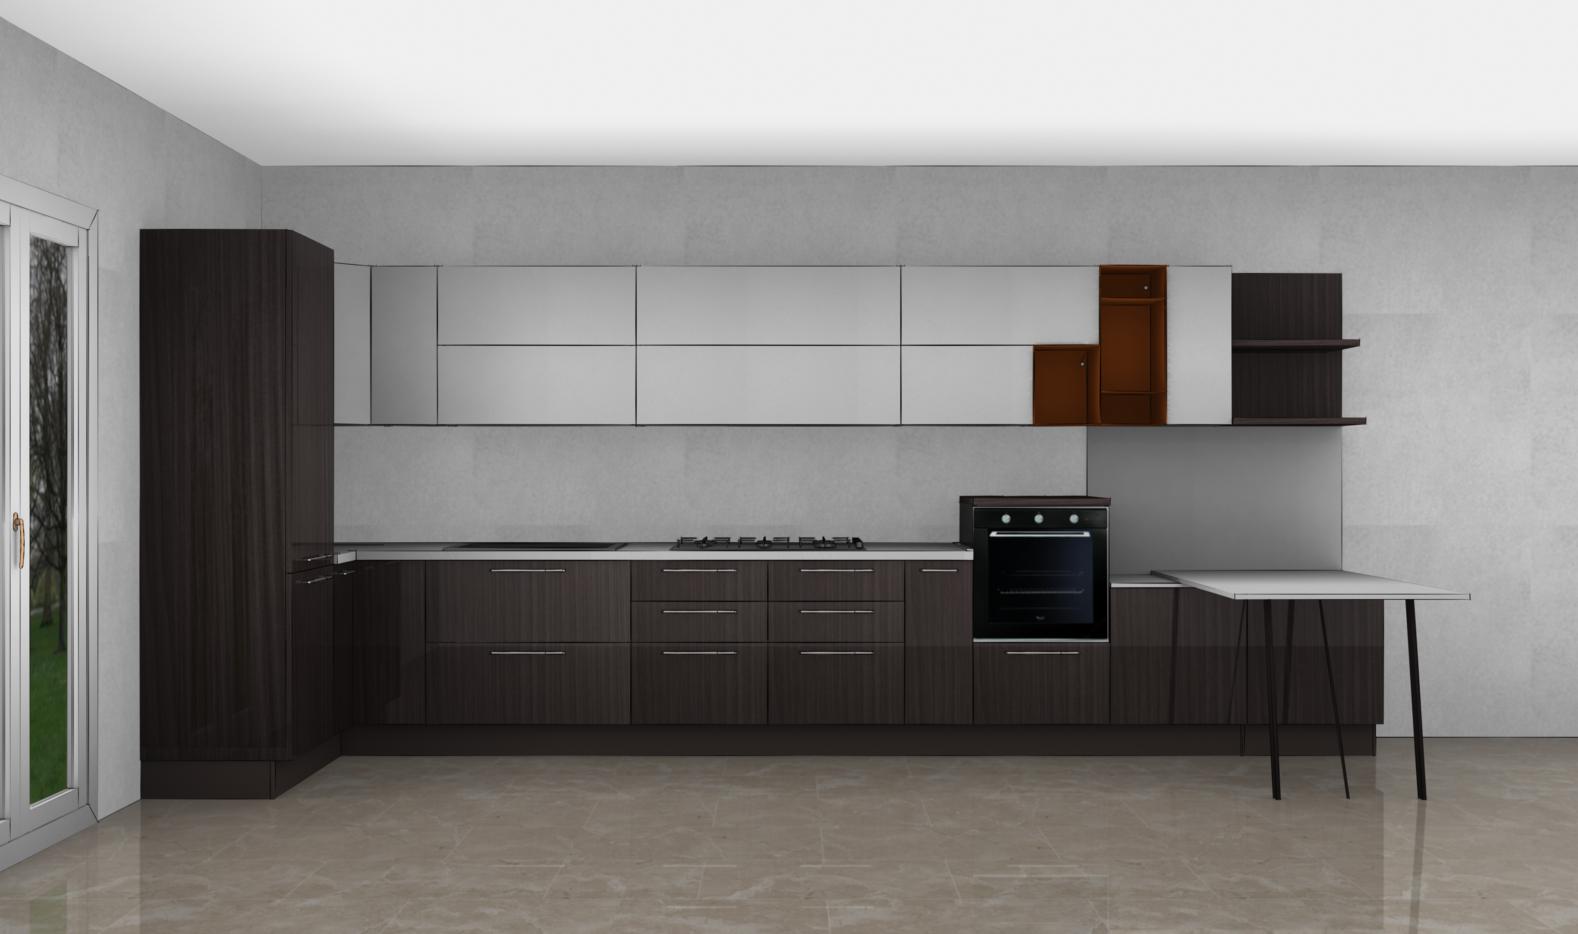 180131 101919 interior design napoli progetto casa id - Interior design napoli ...